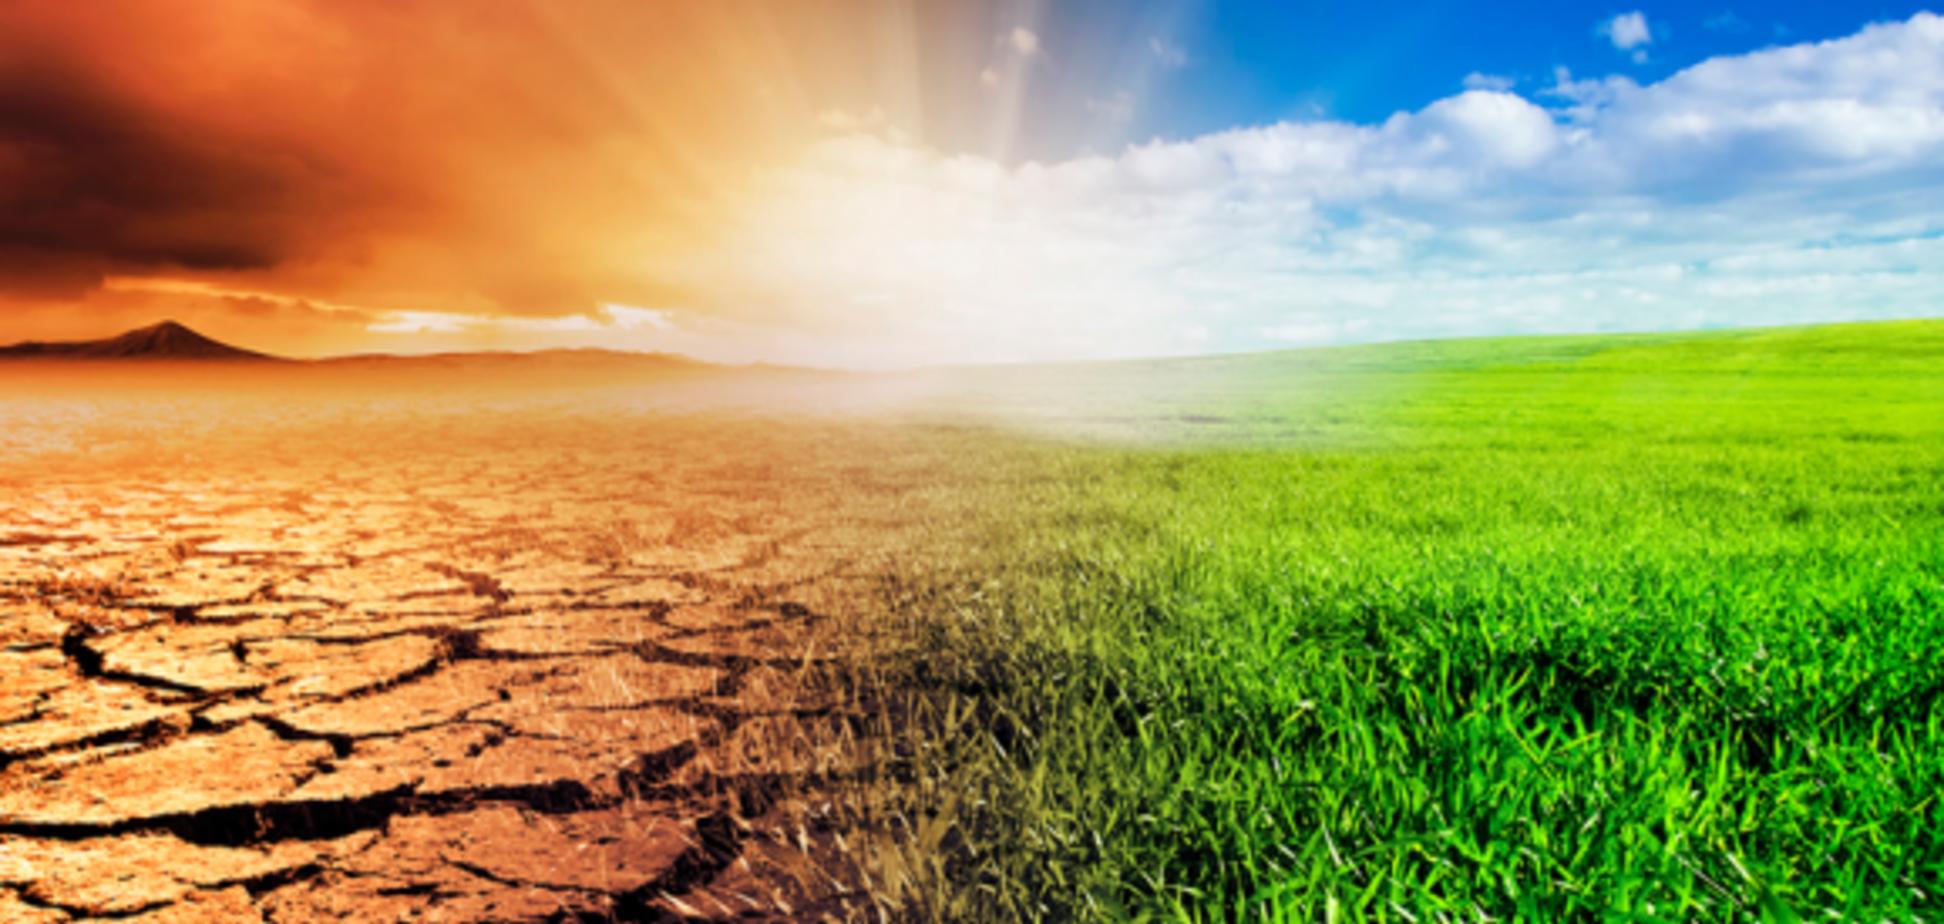 Лето длиннее, а зима короче: ученый предупредил о глобальном изменении климата